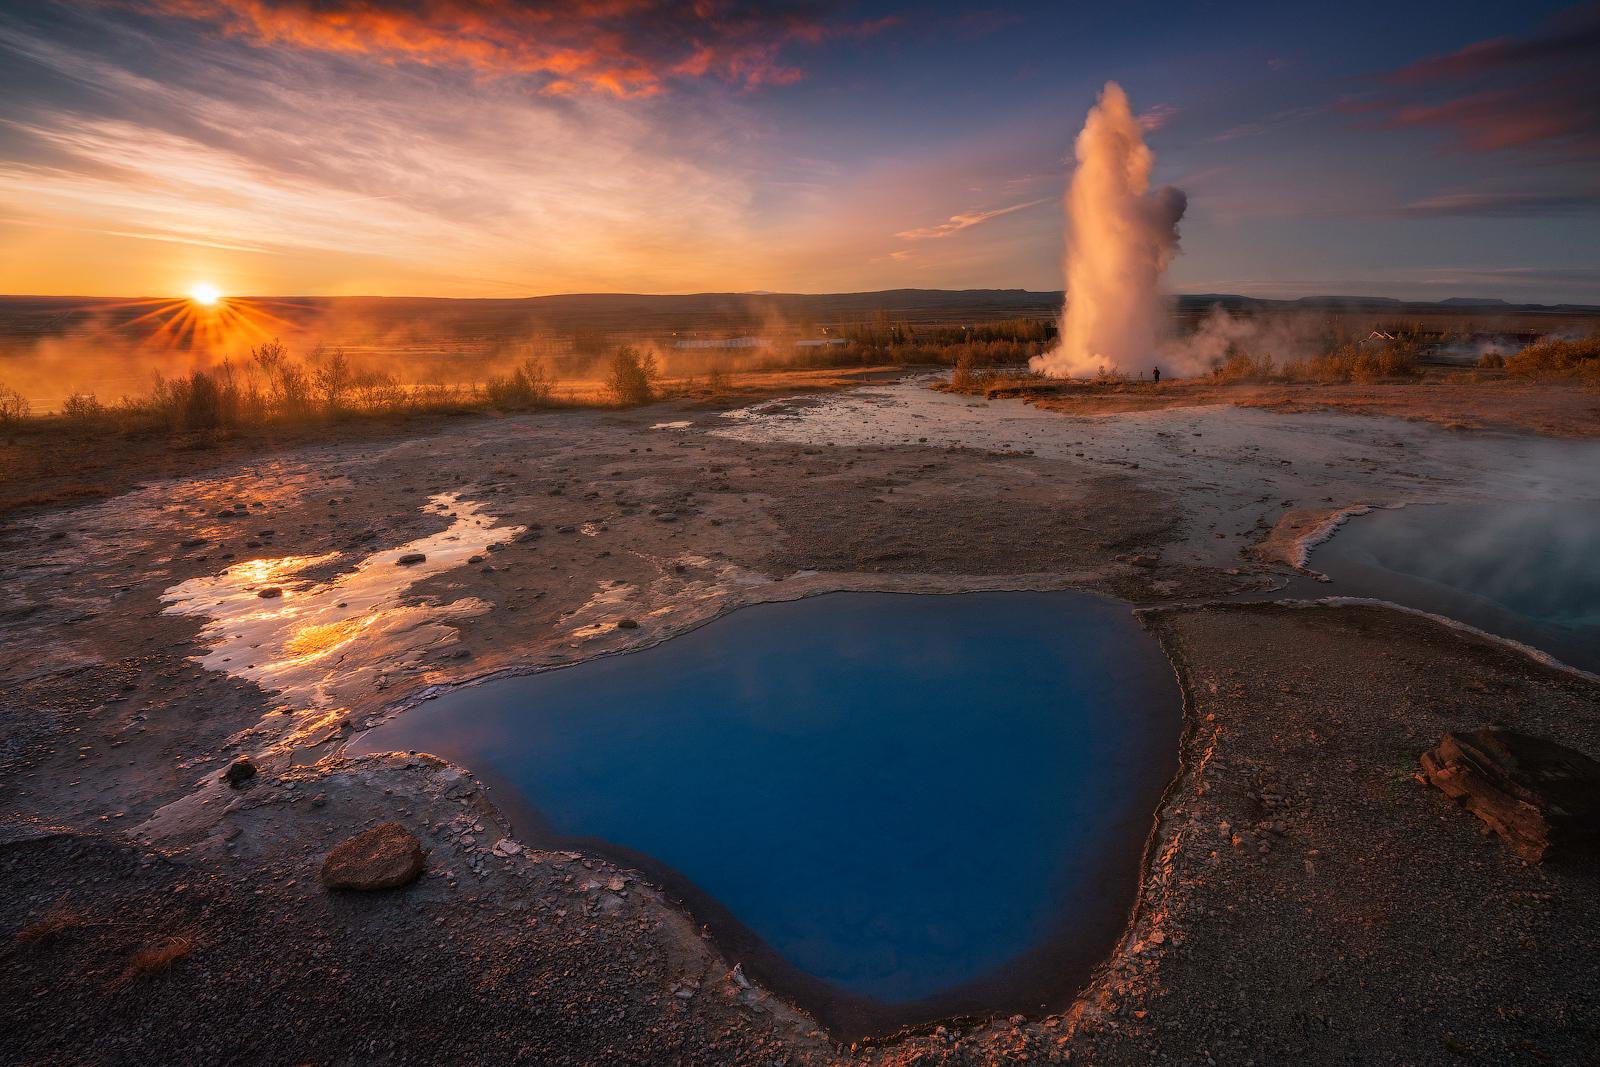 Il secondo sito sul famoso sentiero del Circolo d'Oro è il geyser Strokkur.